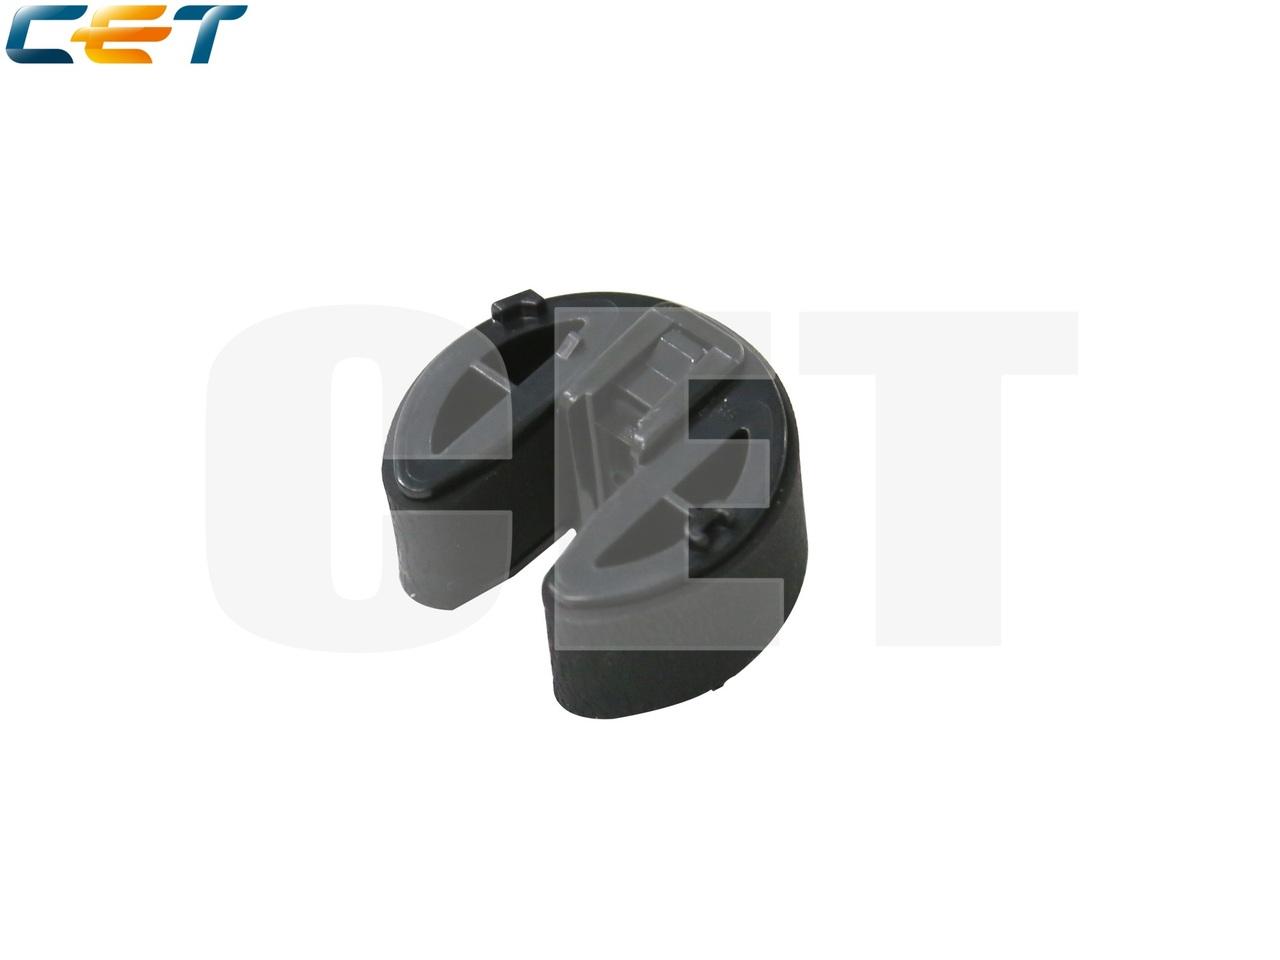 Ролик подхвата RM1-4426-000, RC2-1949-000, RM1-8047-000для HP Color LaserJet CP1215/CP1515/CP2025/CM2320,M375/M475 (CET), CET341025, CET341025R